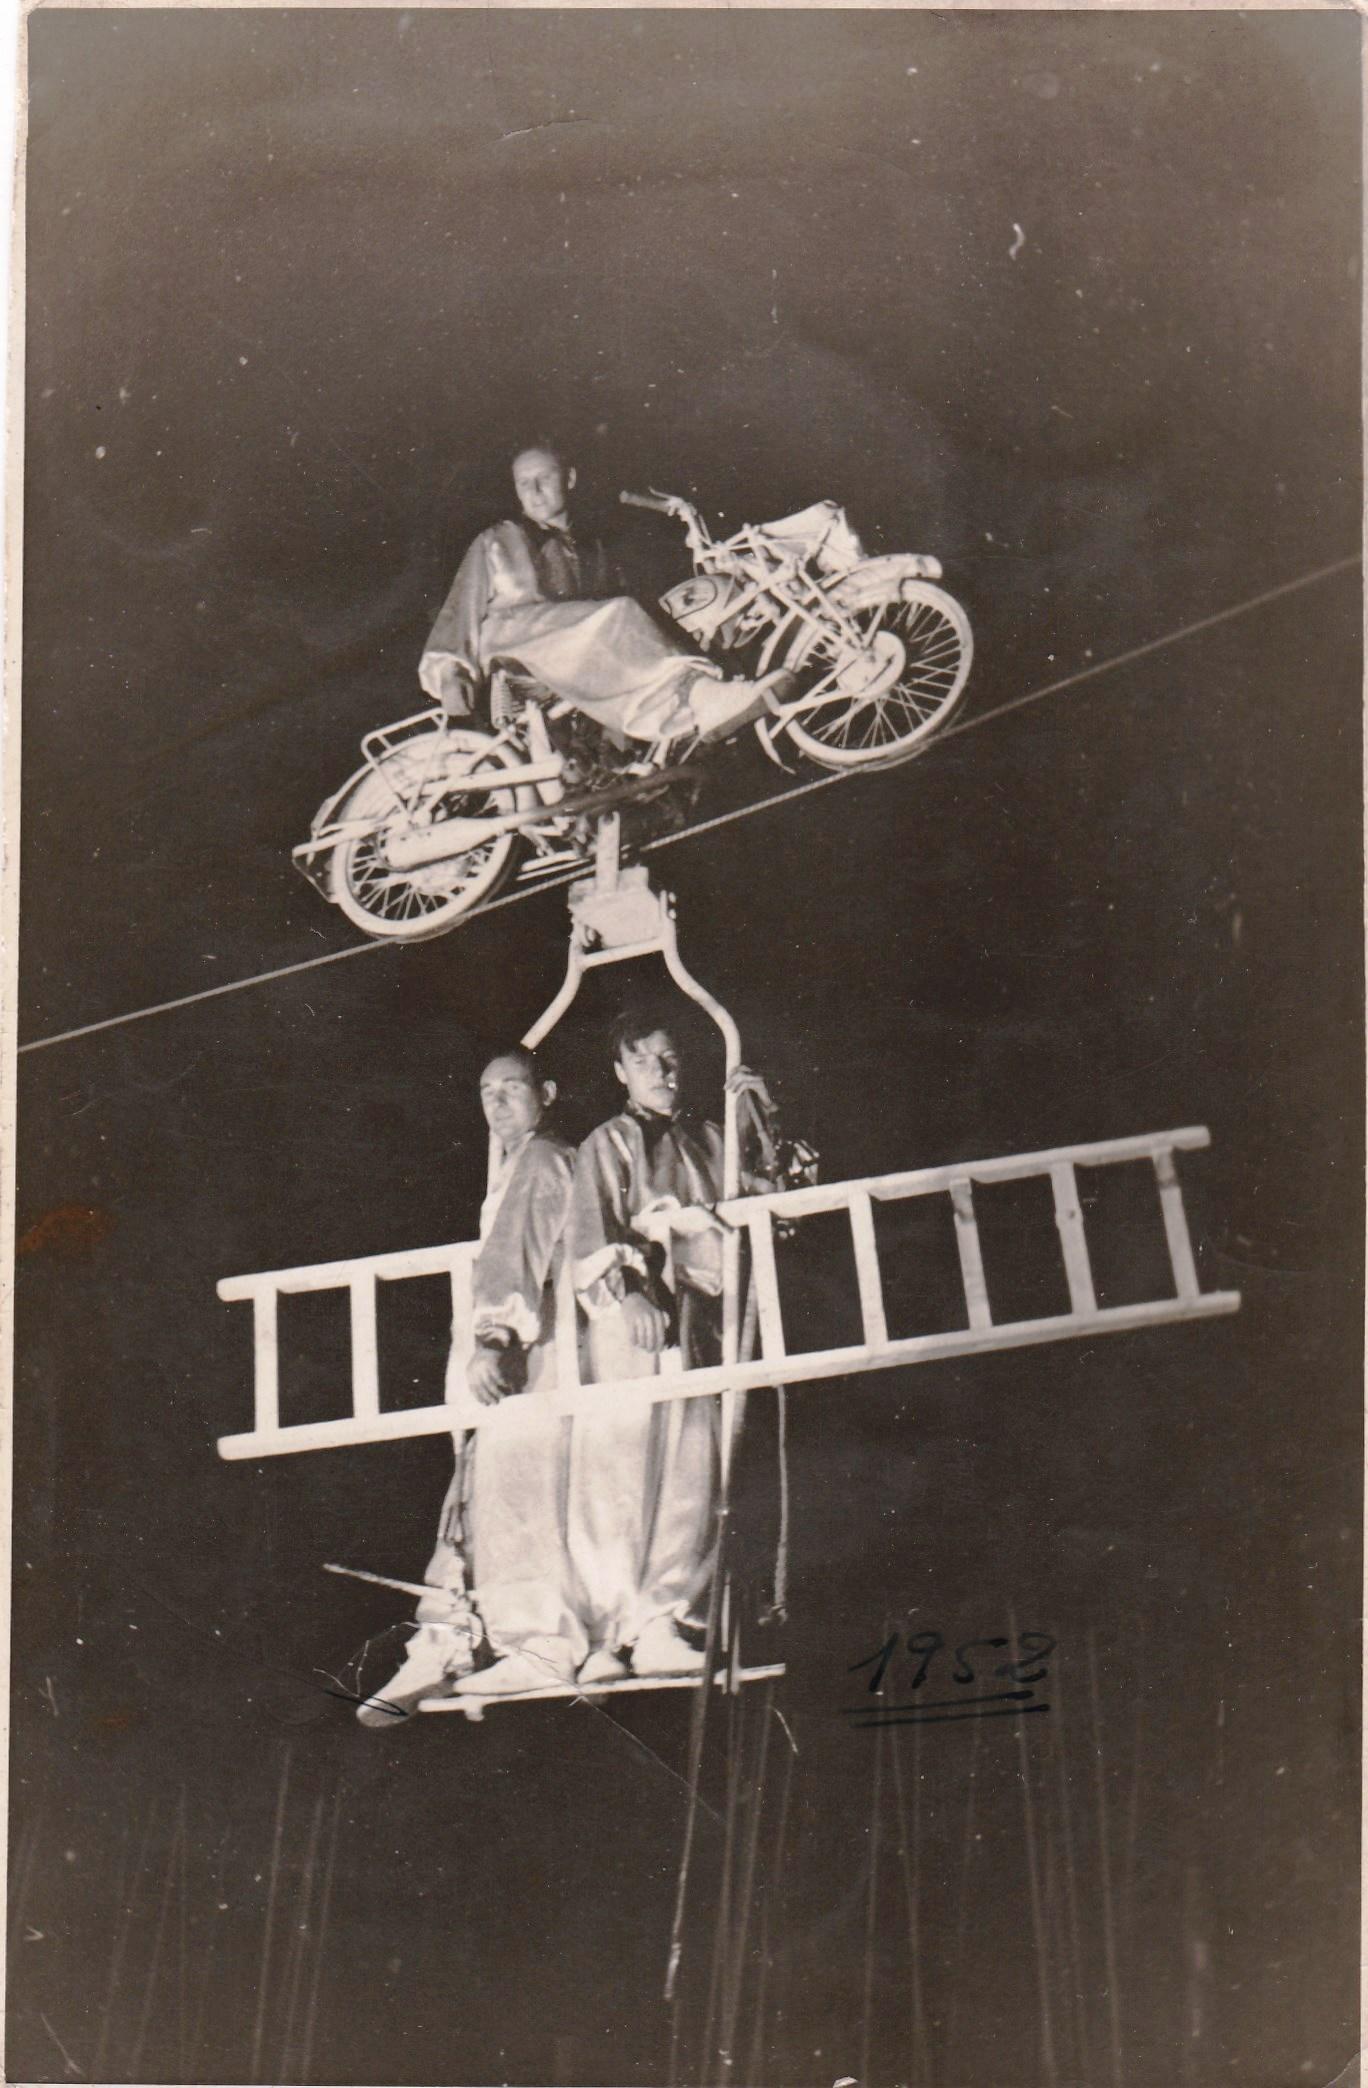 Enterreno - Fotos históricas de chile - fotos antiguas de Chile - Equilibristas alemanes en Santiago, 1952